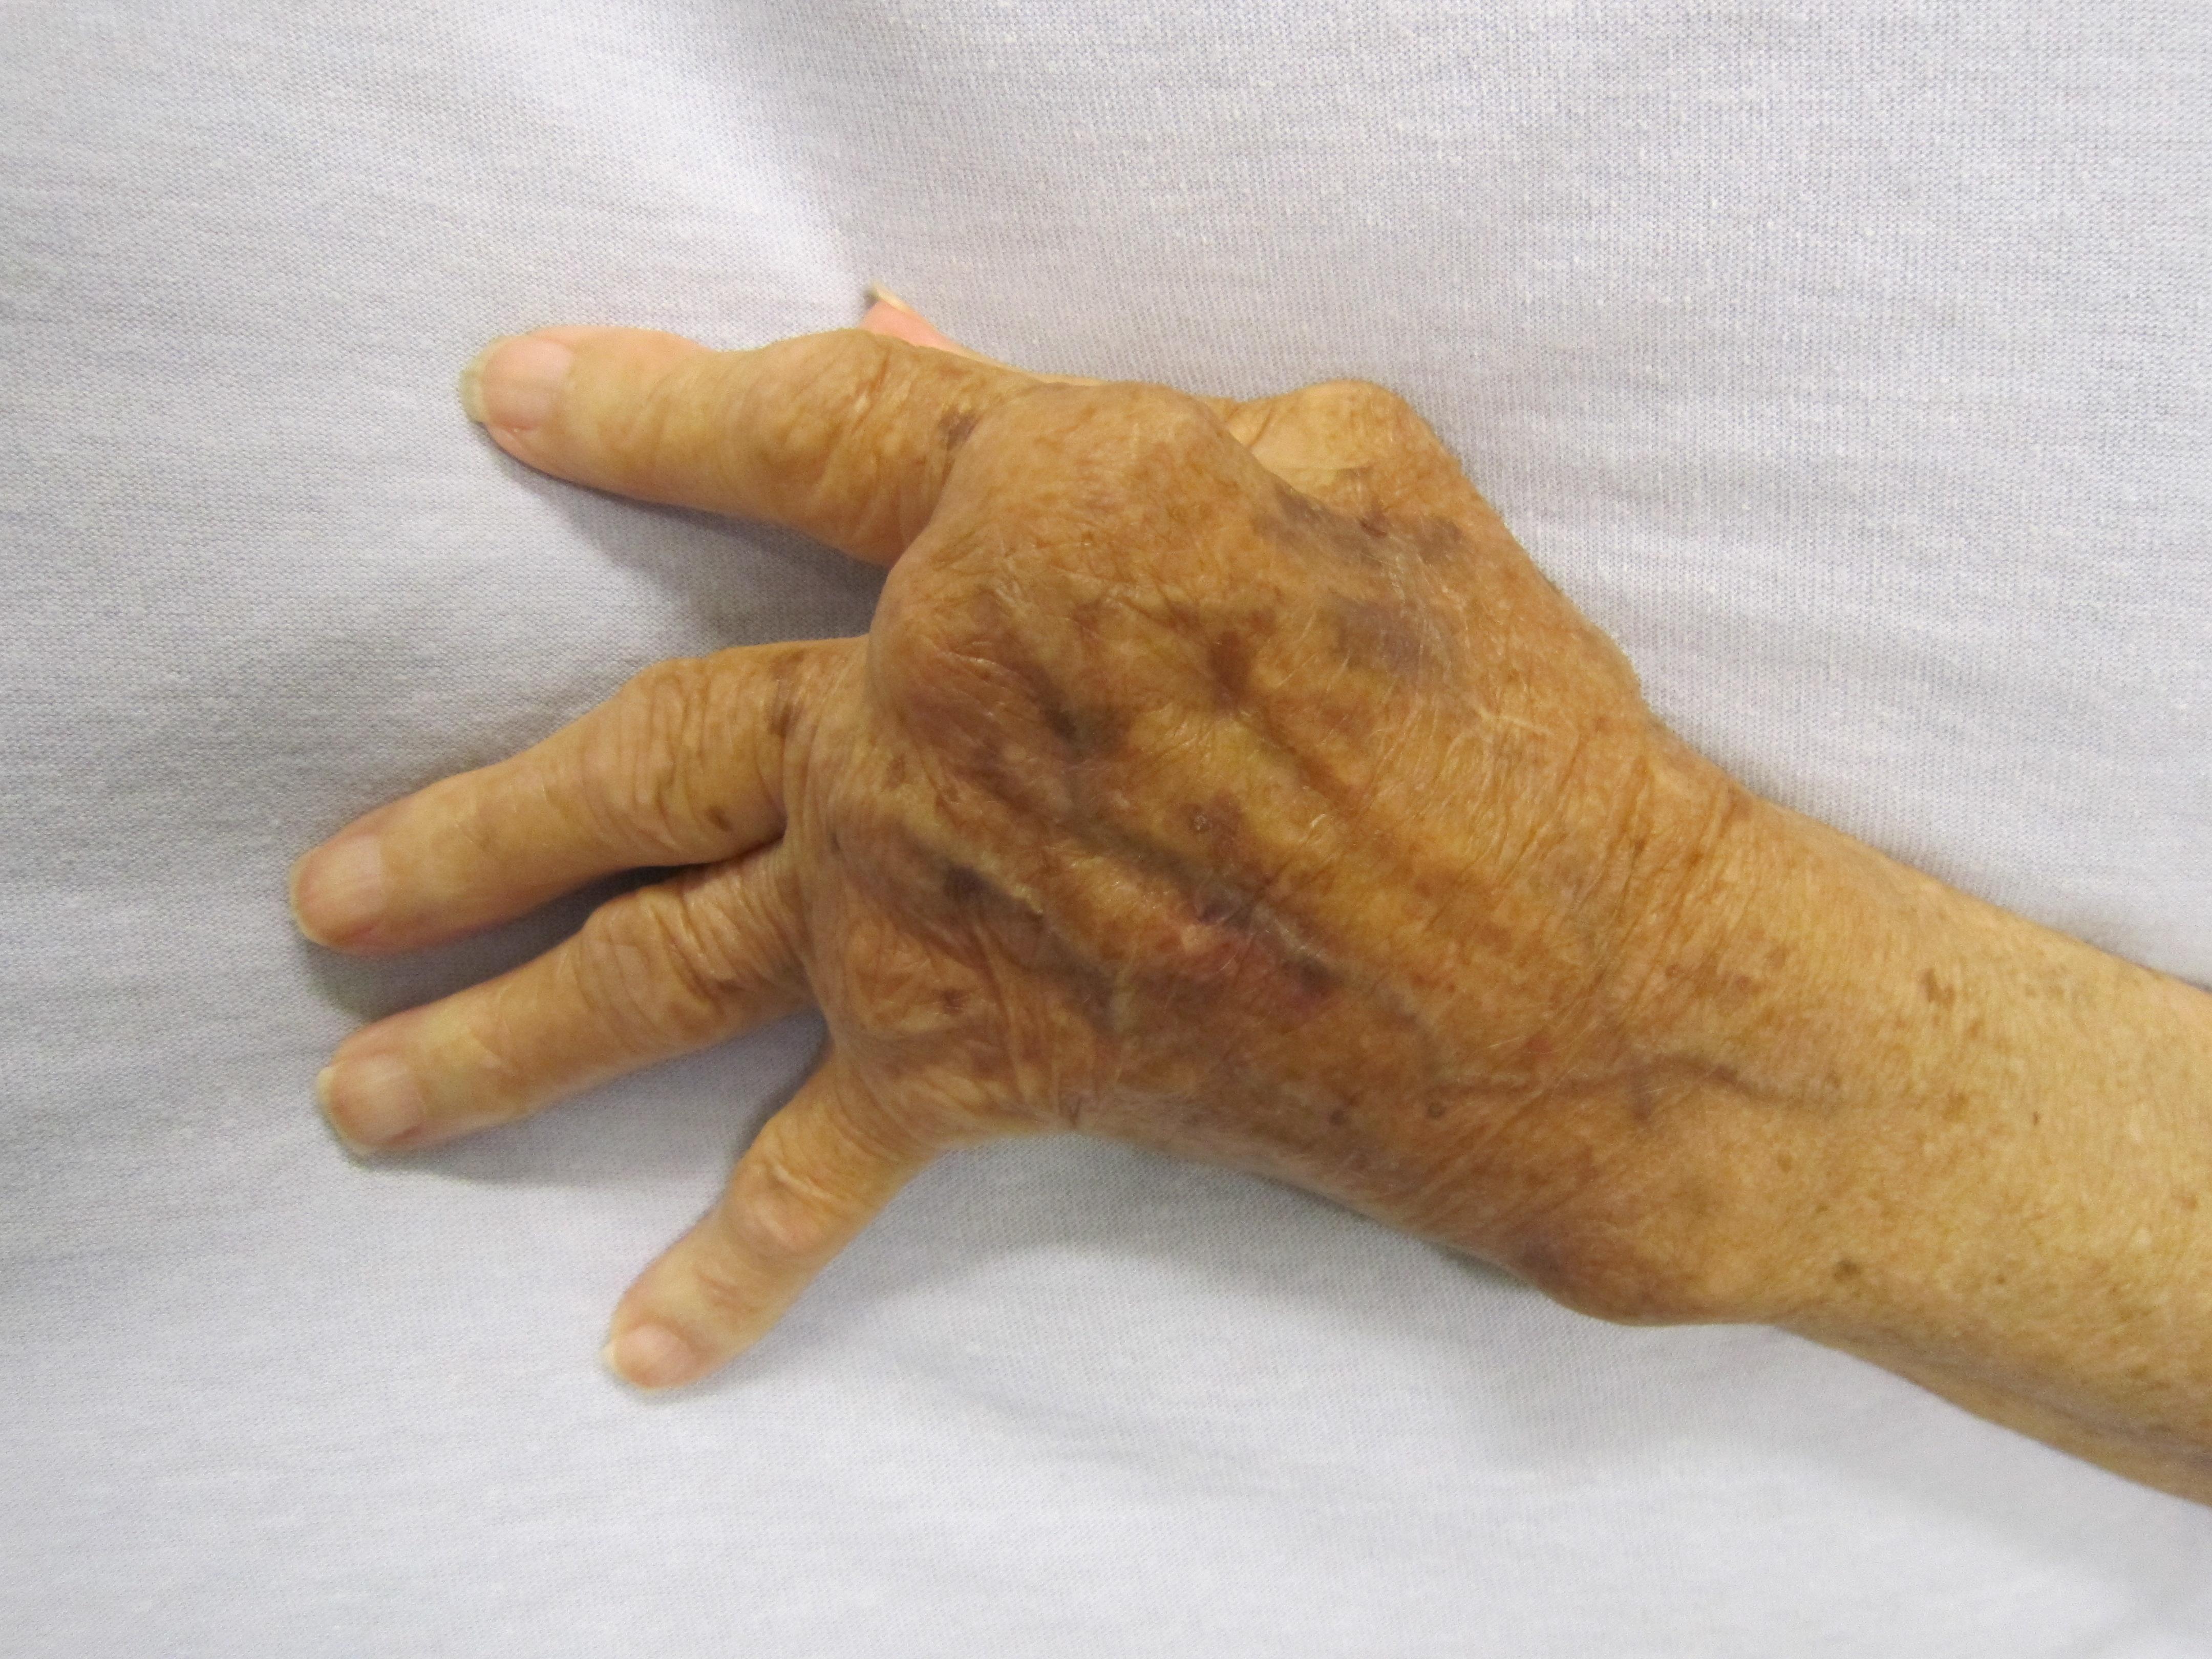 hogyan kezeljük a rheumatoid arthritis 60 éves vagyok önmasszázs a vállízület fájdalma miatt